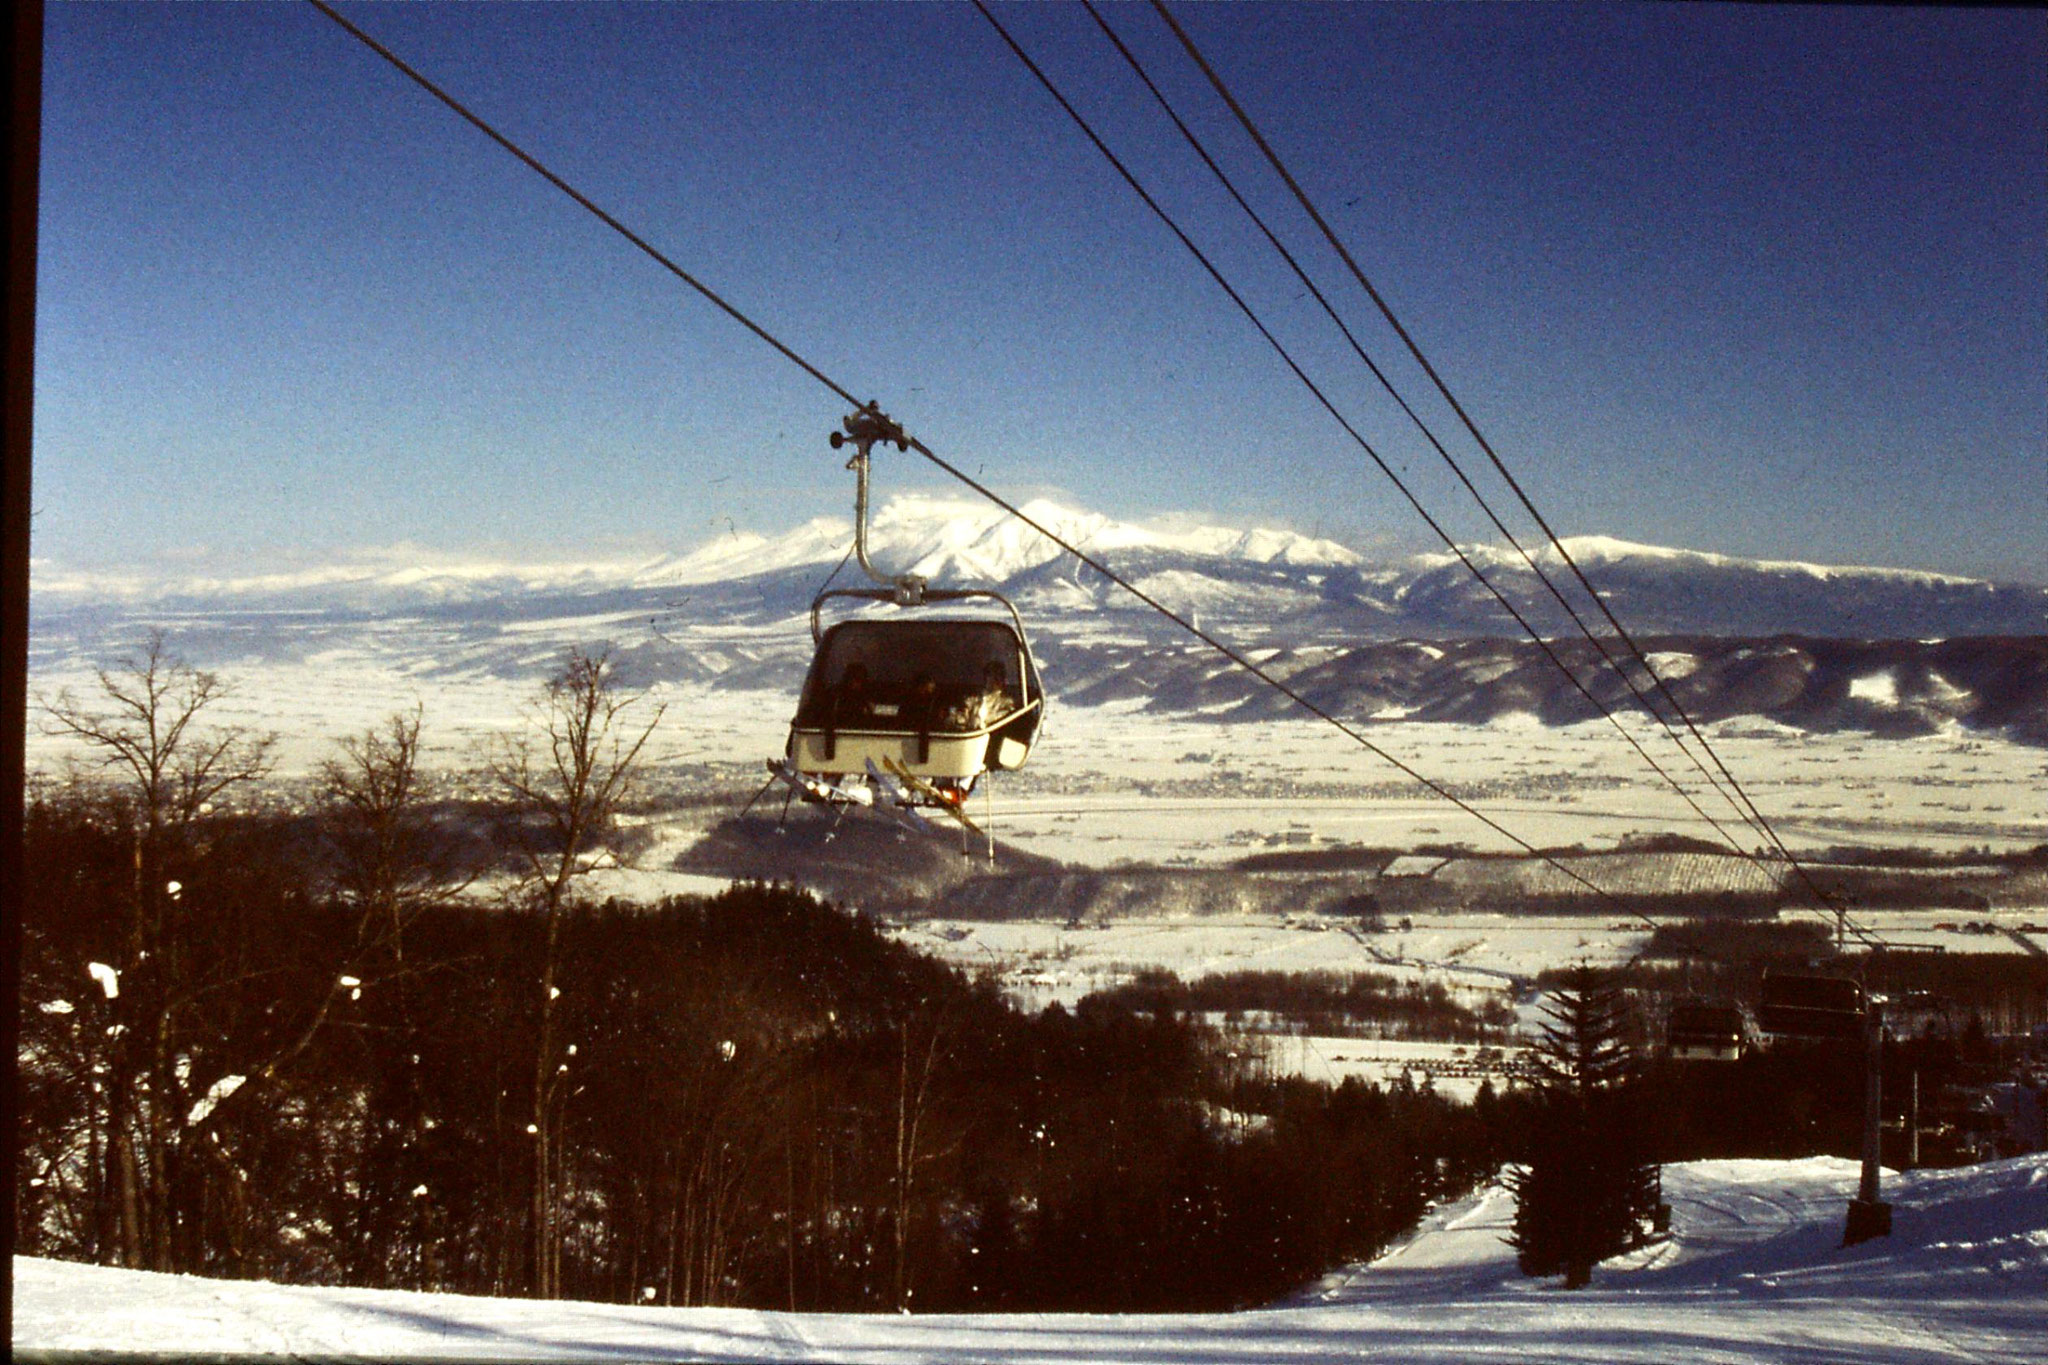 13/1/1989: 26: Furano ski resort